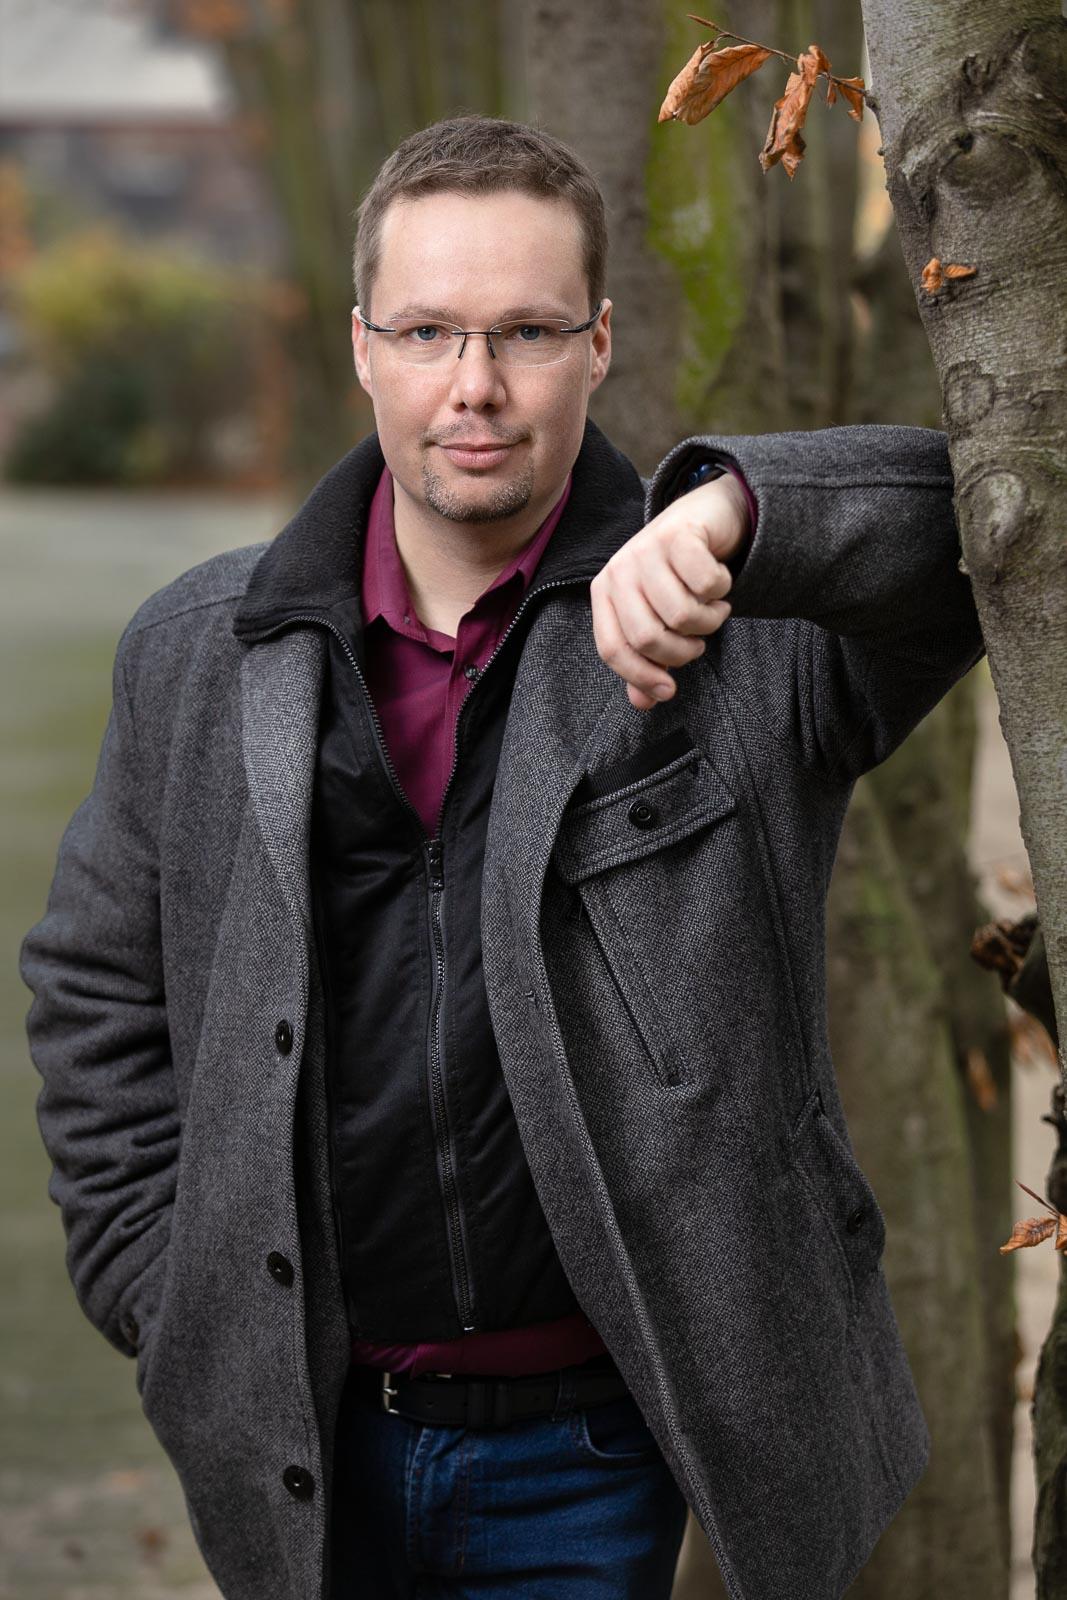 Dating-Foto eines jungen Mannes in einer warmen Jacke, der souverän an einem Baum lehnt